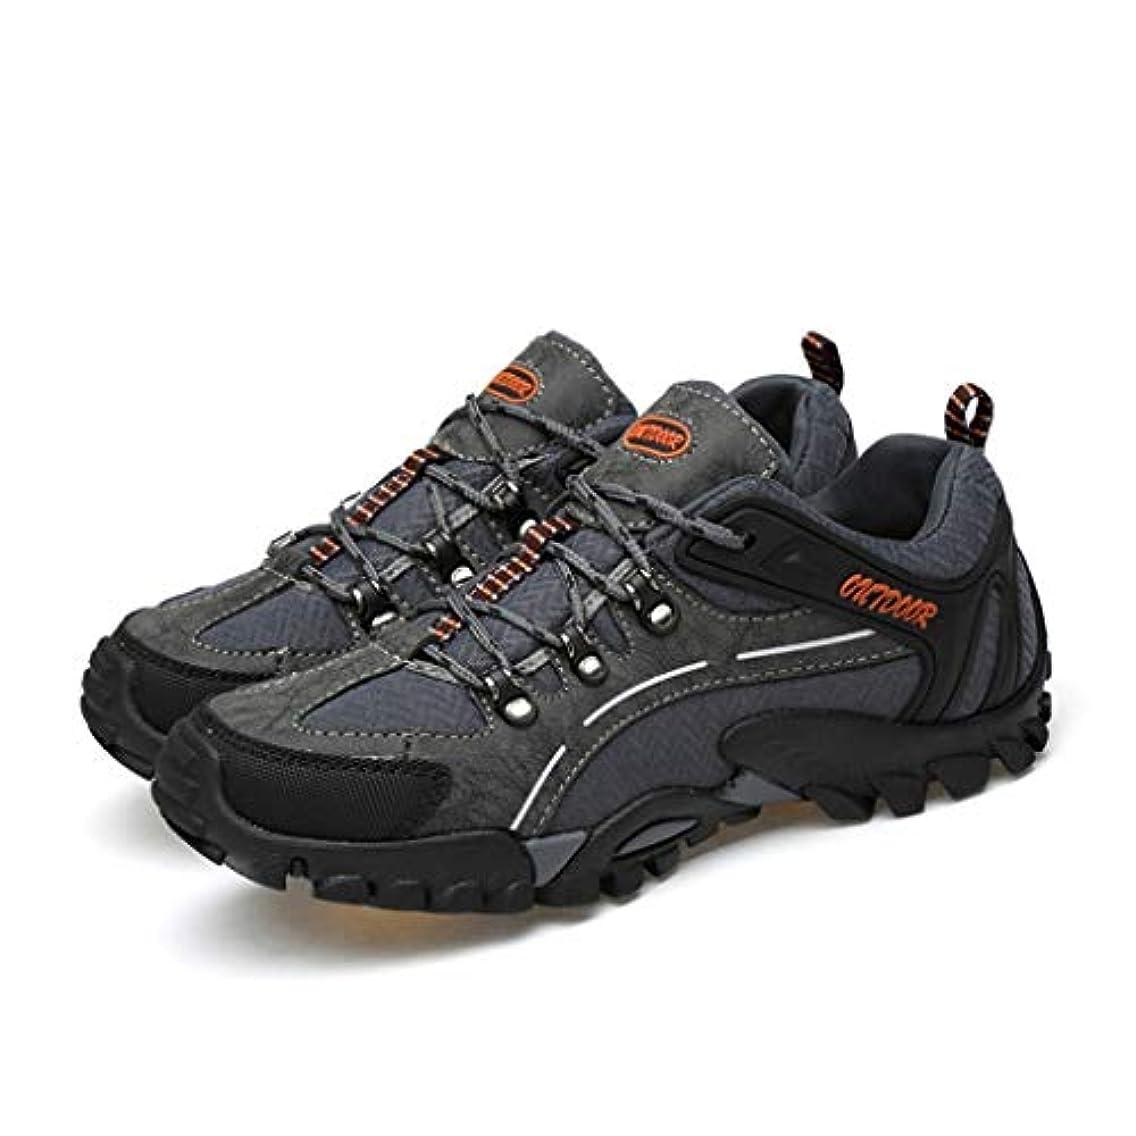 整理する魅惑する方程式[SENNIAN] ハイキングシューズ メンズ アウトドアシューズ 耐磨耗 登山靴 スポーツ トレッキングシューズ 滑りにくい 防水 通気性 ローカット 撥水機能 防撞 遠足靴 透湿 スニーカー